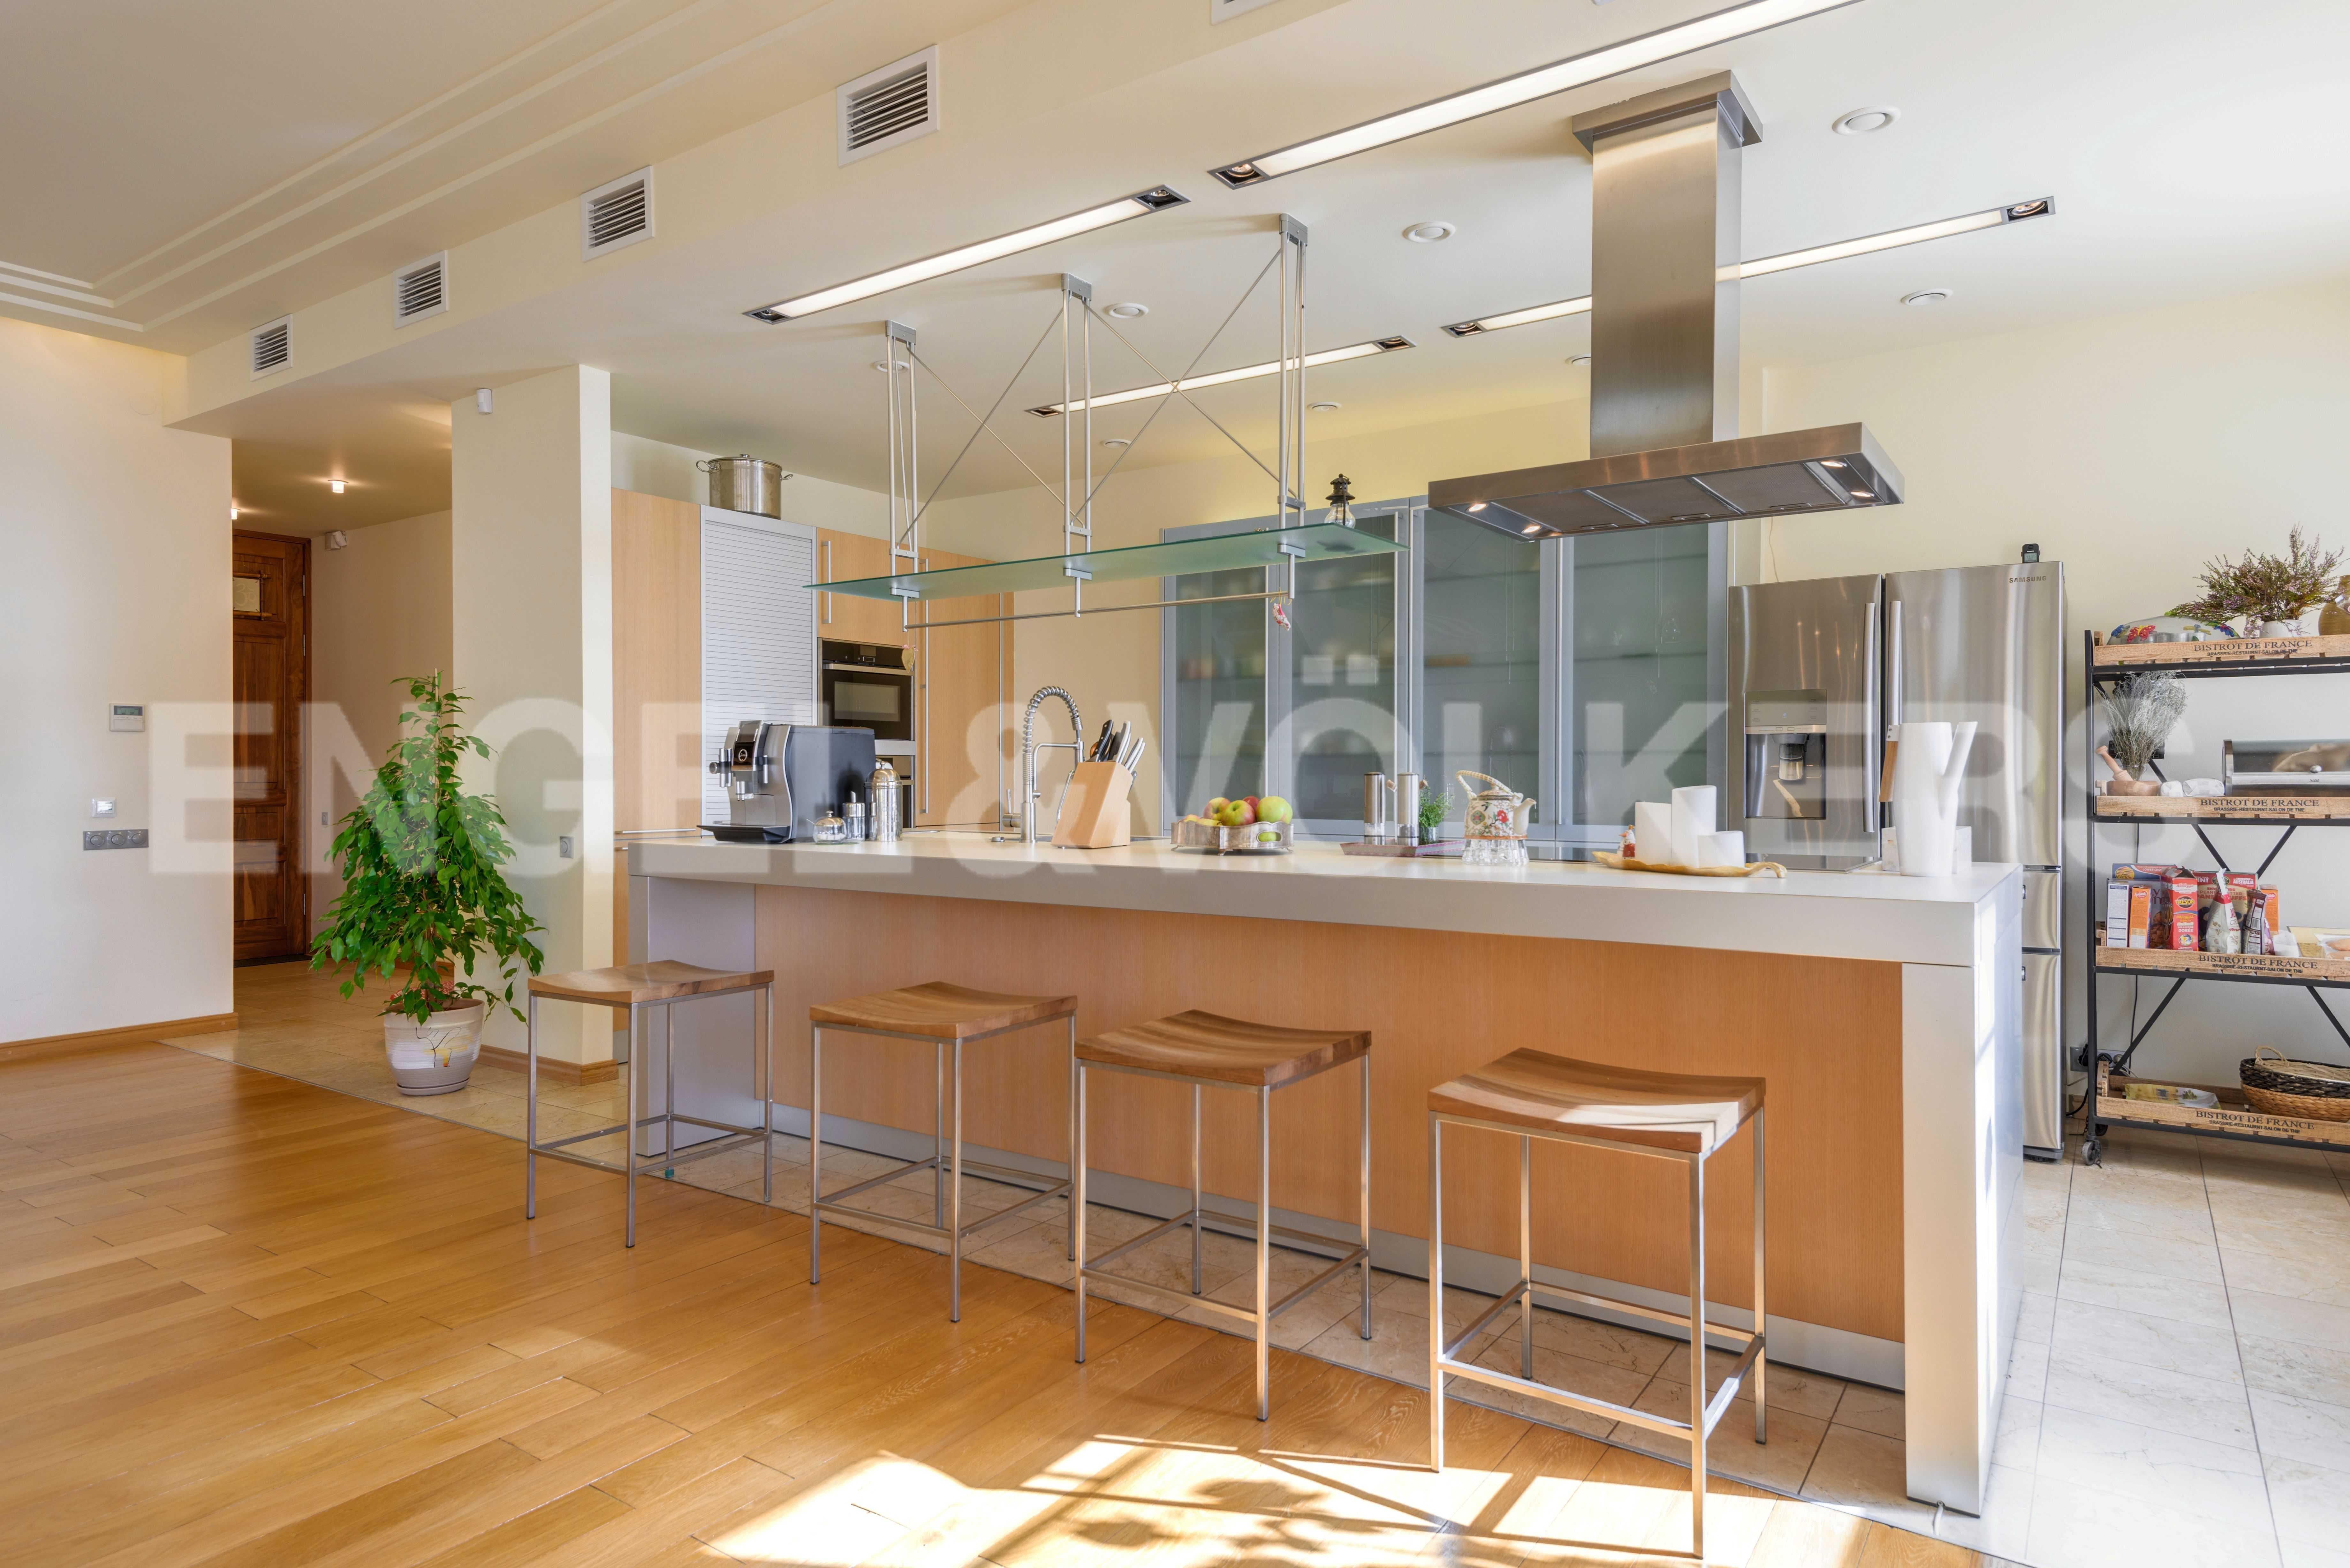 Элитные квартиры в Центральный р-н. Санкт-Петербург, Захарьевская, 16. Зона встроенной кухни